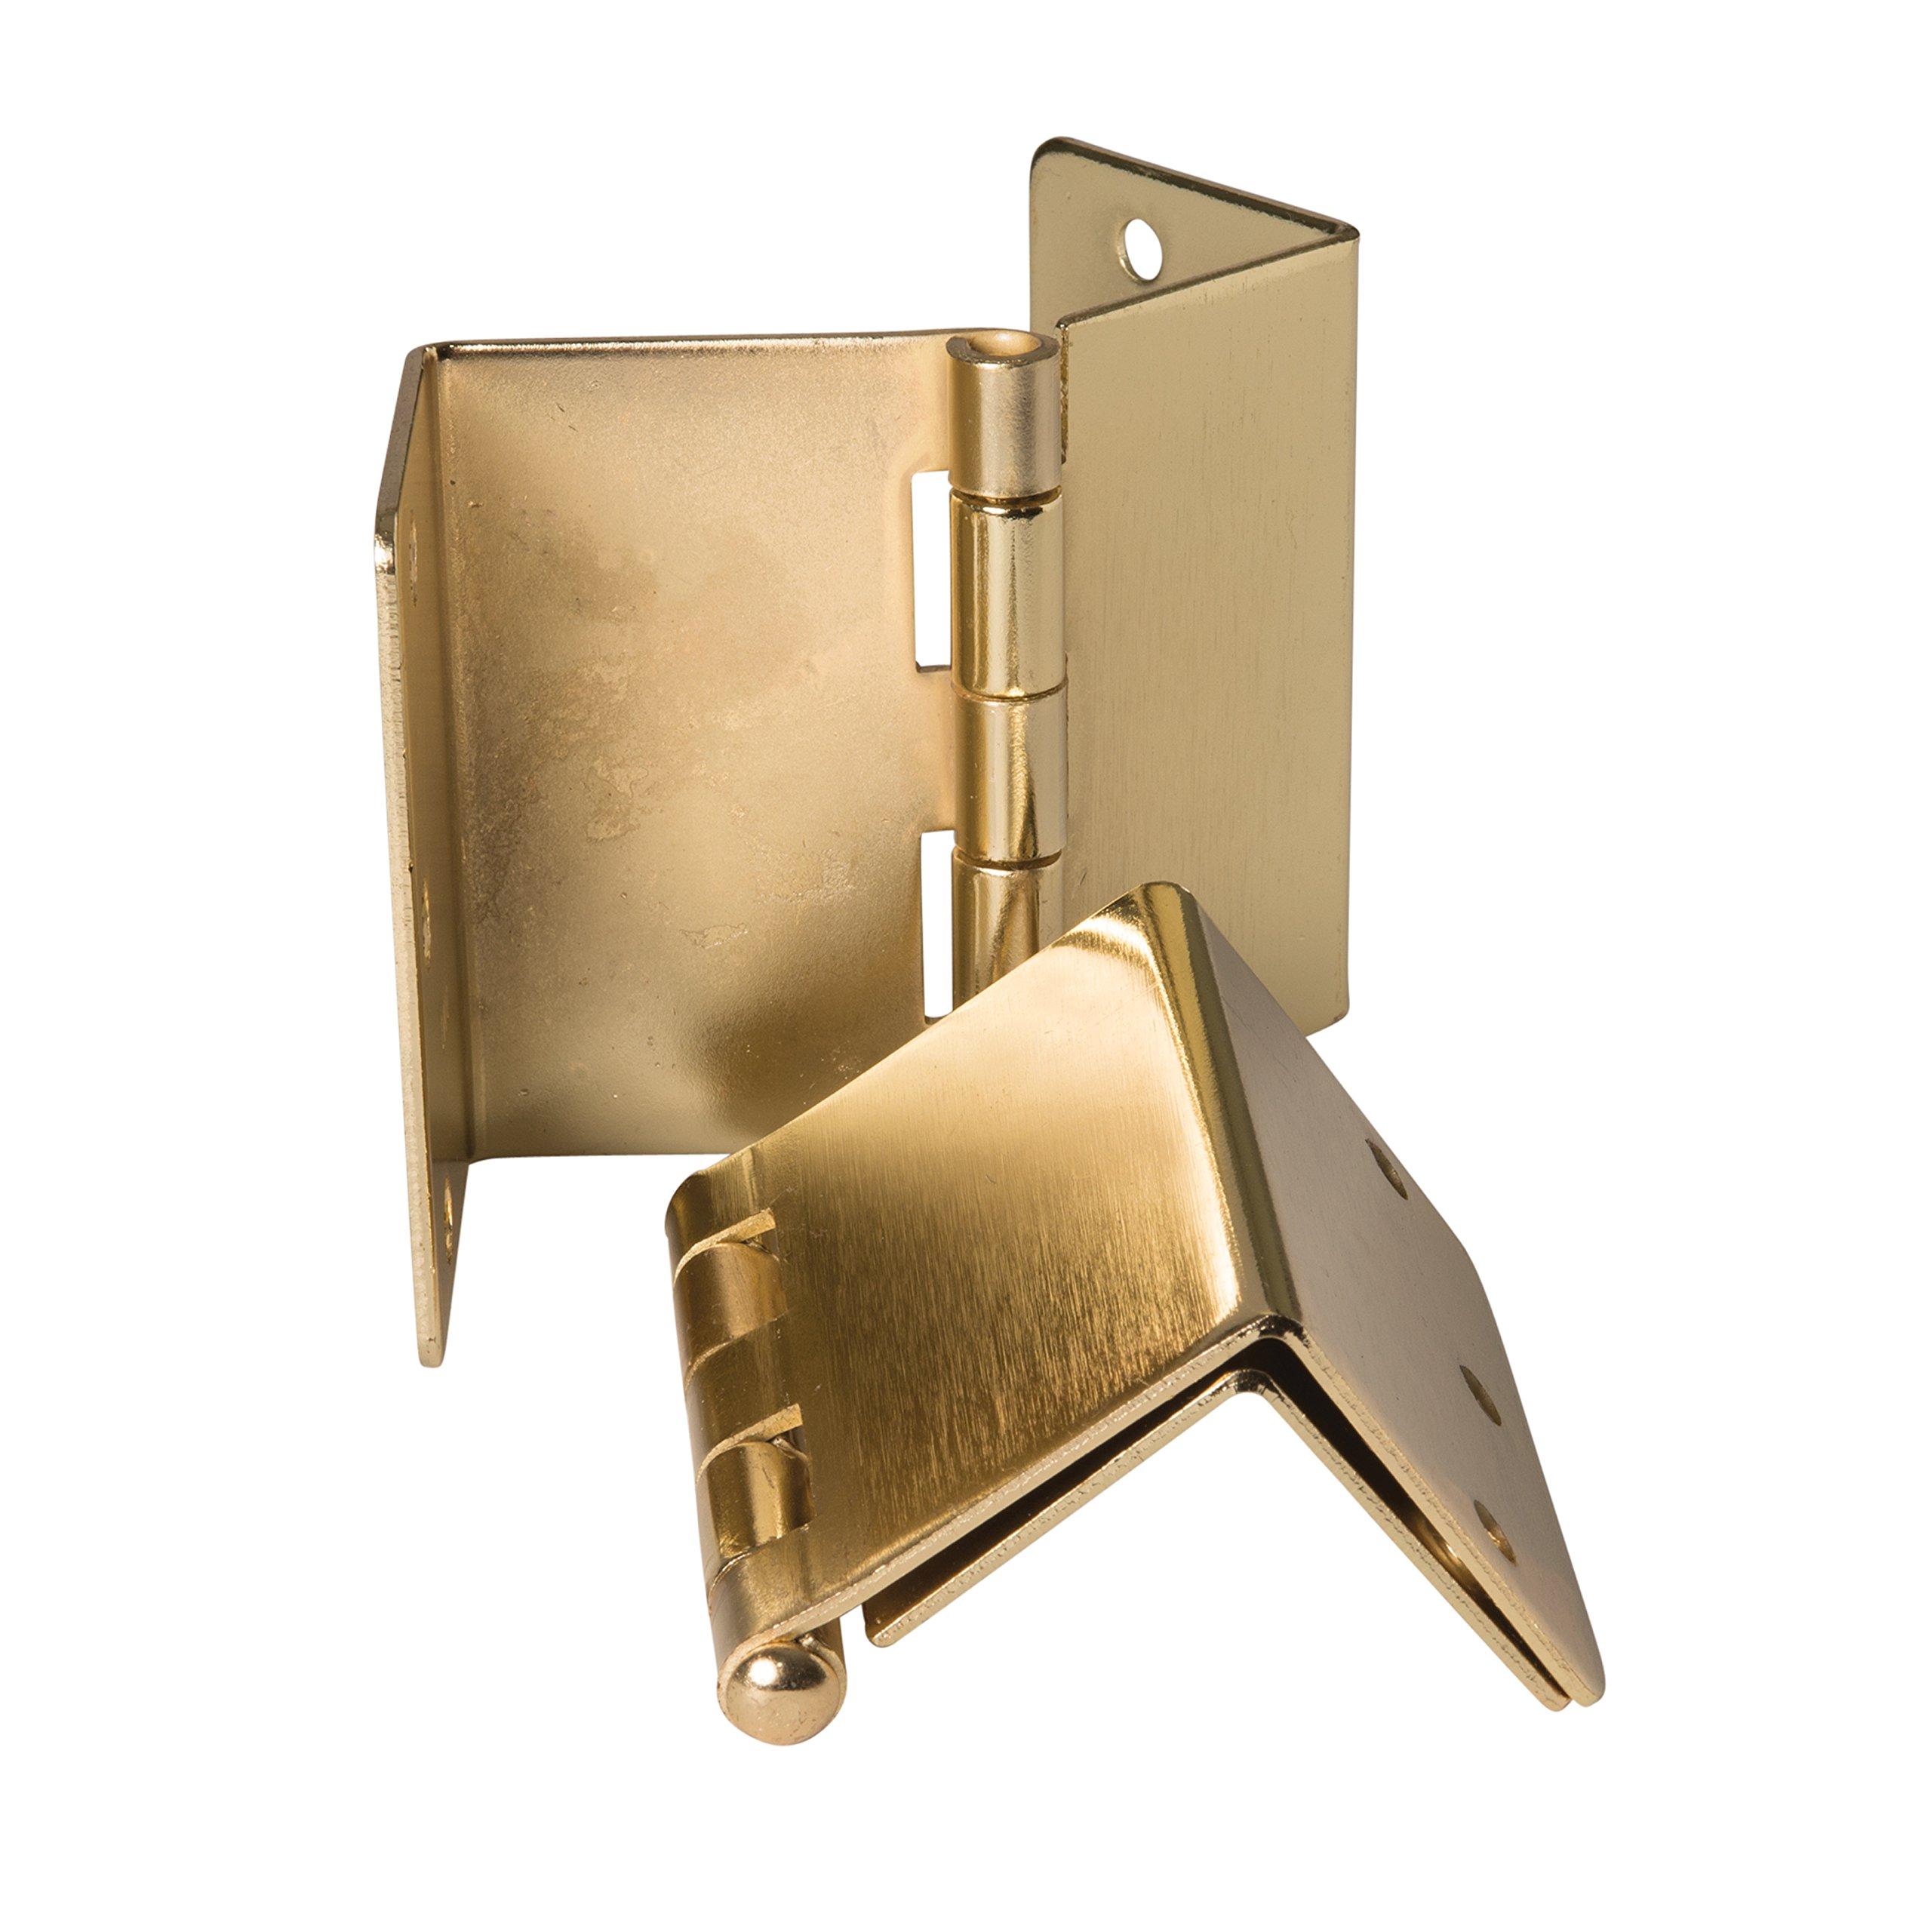 HealthSmart Expandable Door Hinges, Brass